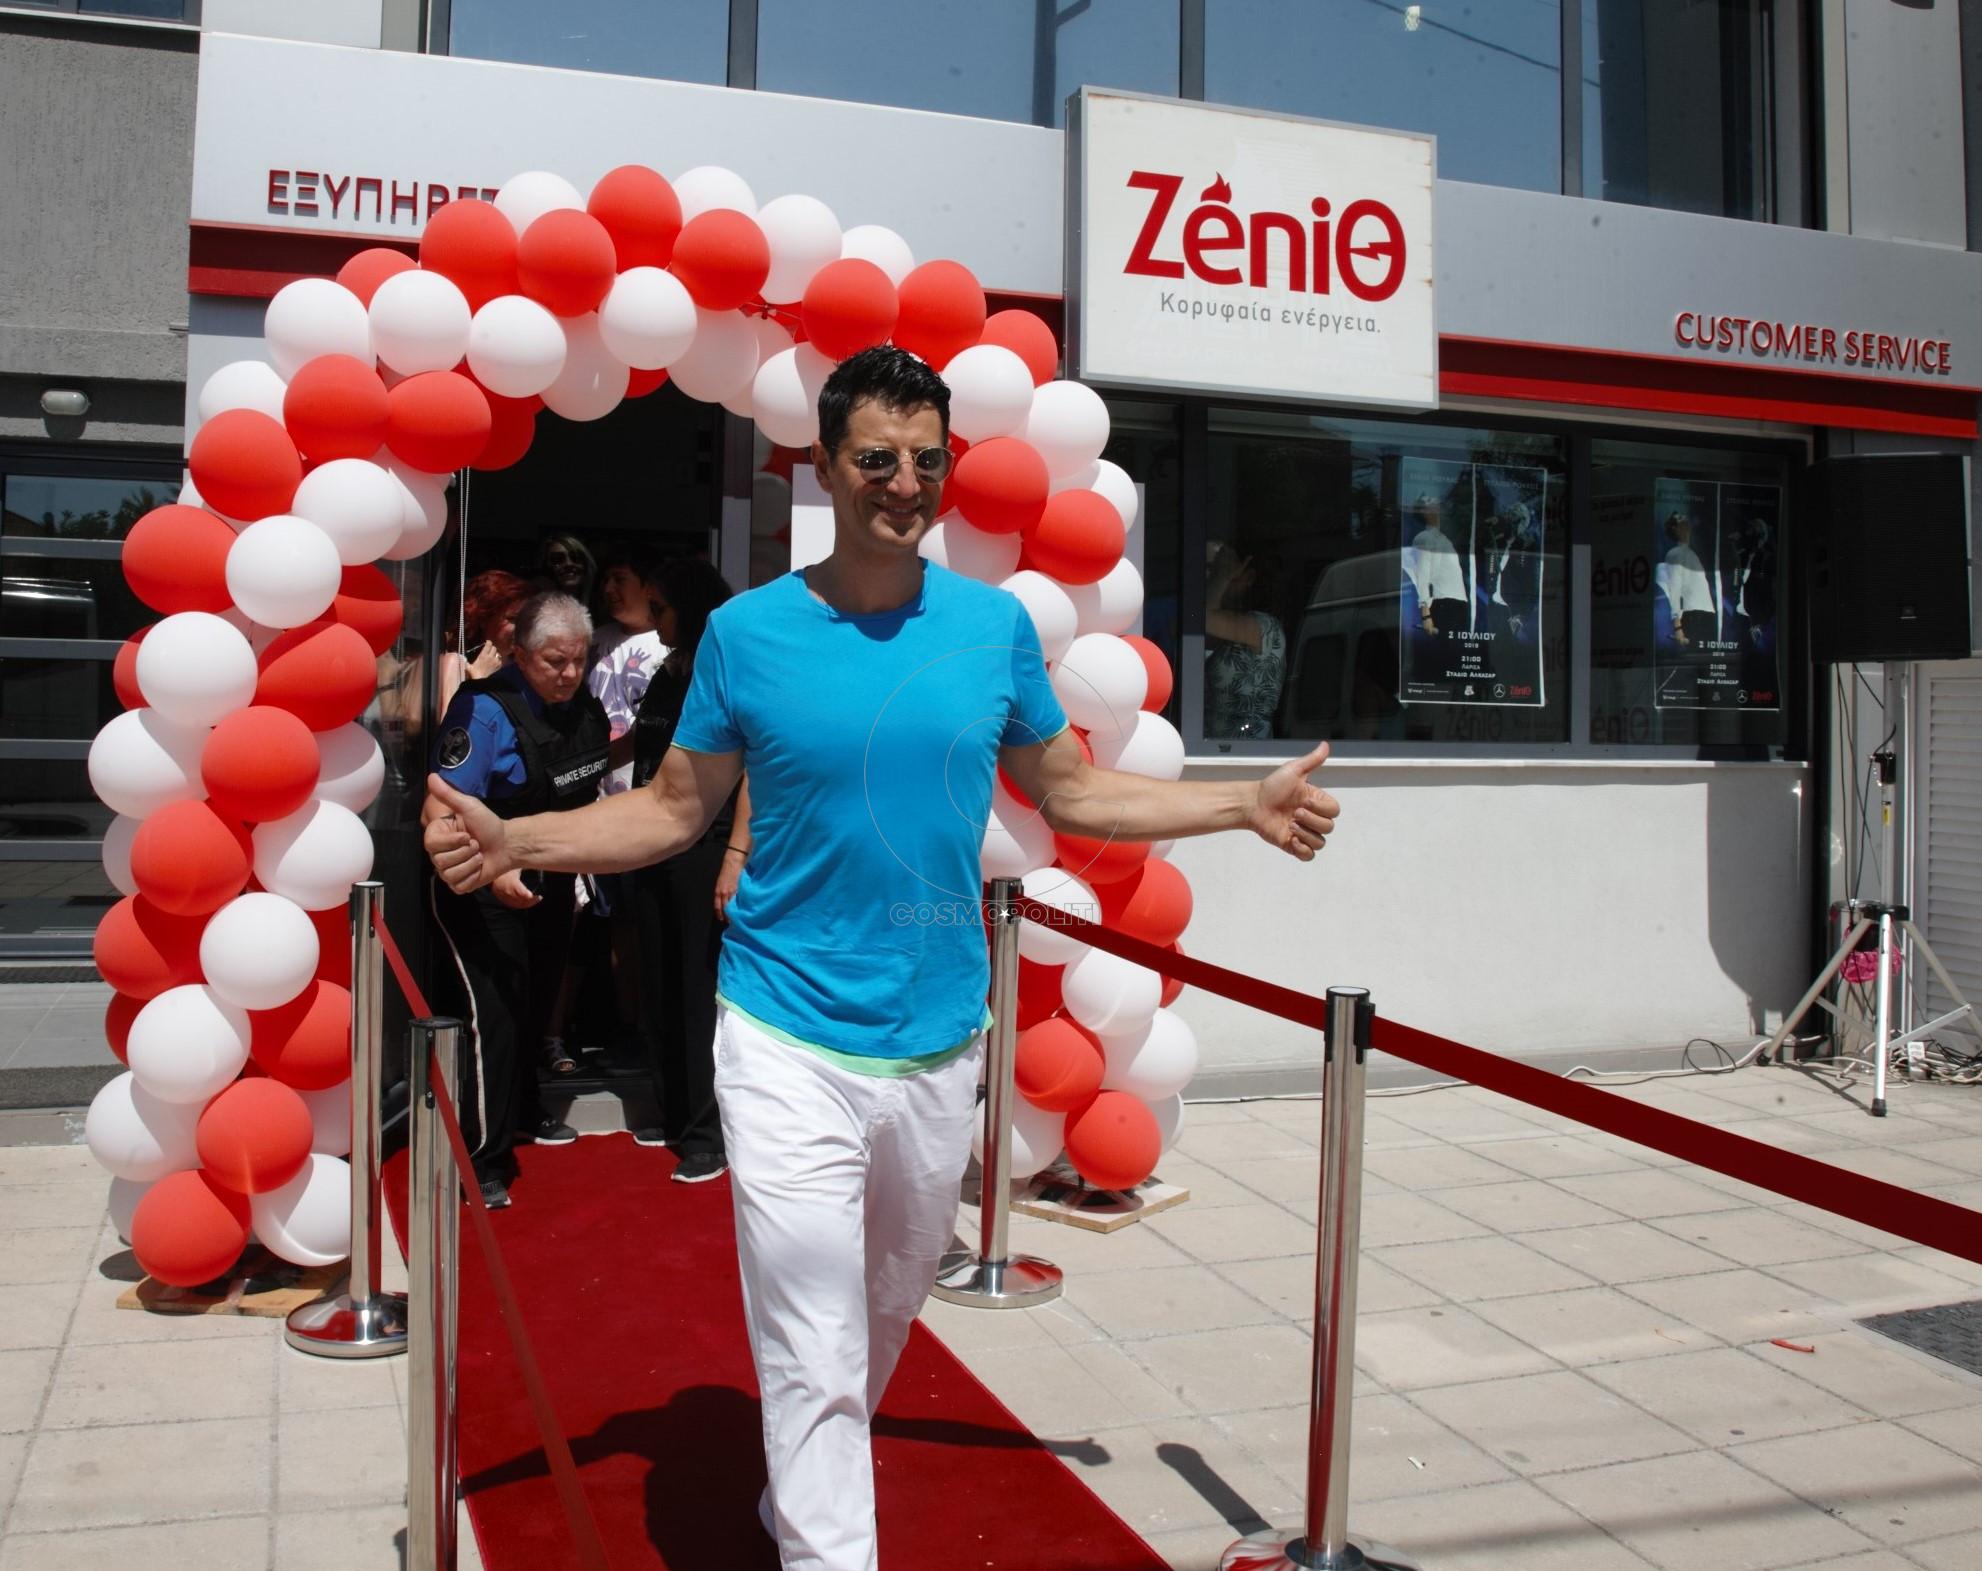 sakis_rouvas_zenith_store_larisa_2_2